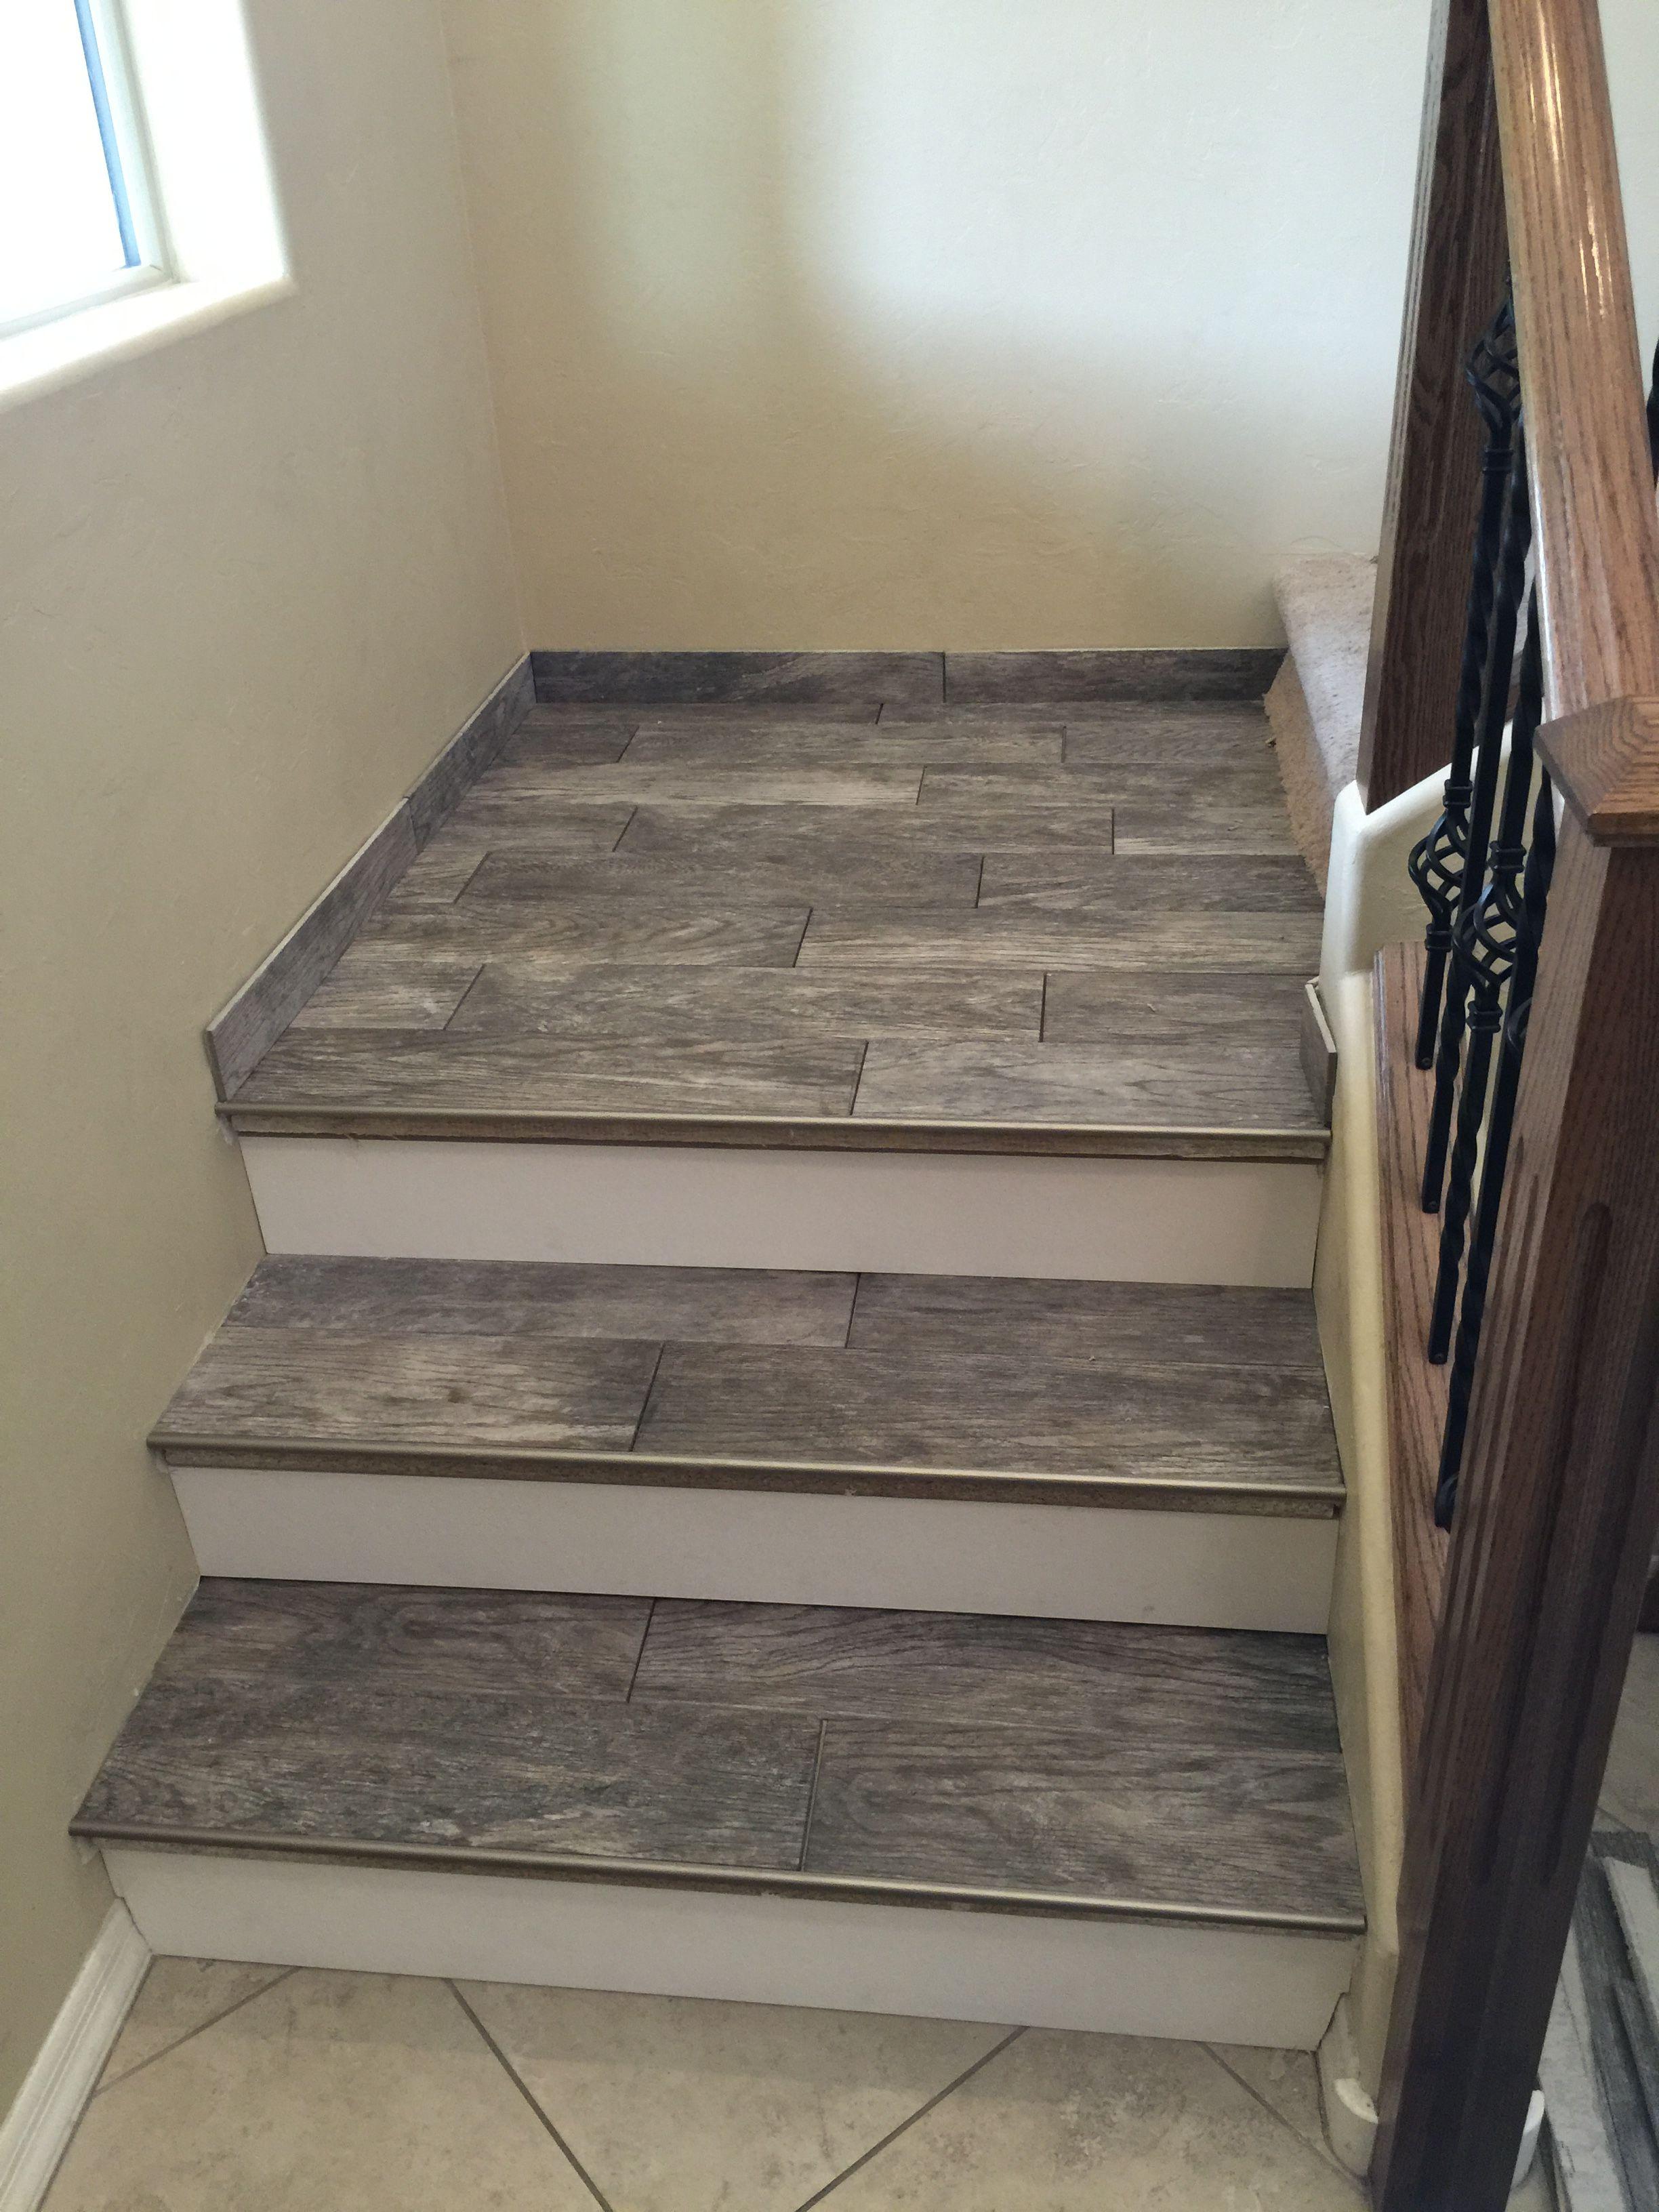 Porcelain Wood Look Tile Stairs Flooring For Stairs Diy   Wood And Tile Stairs   Rocell Living Room   Tile Floor   Basement   Quarter Round Stair Hardwood   White